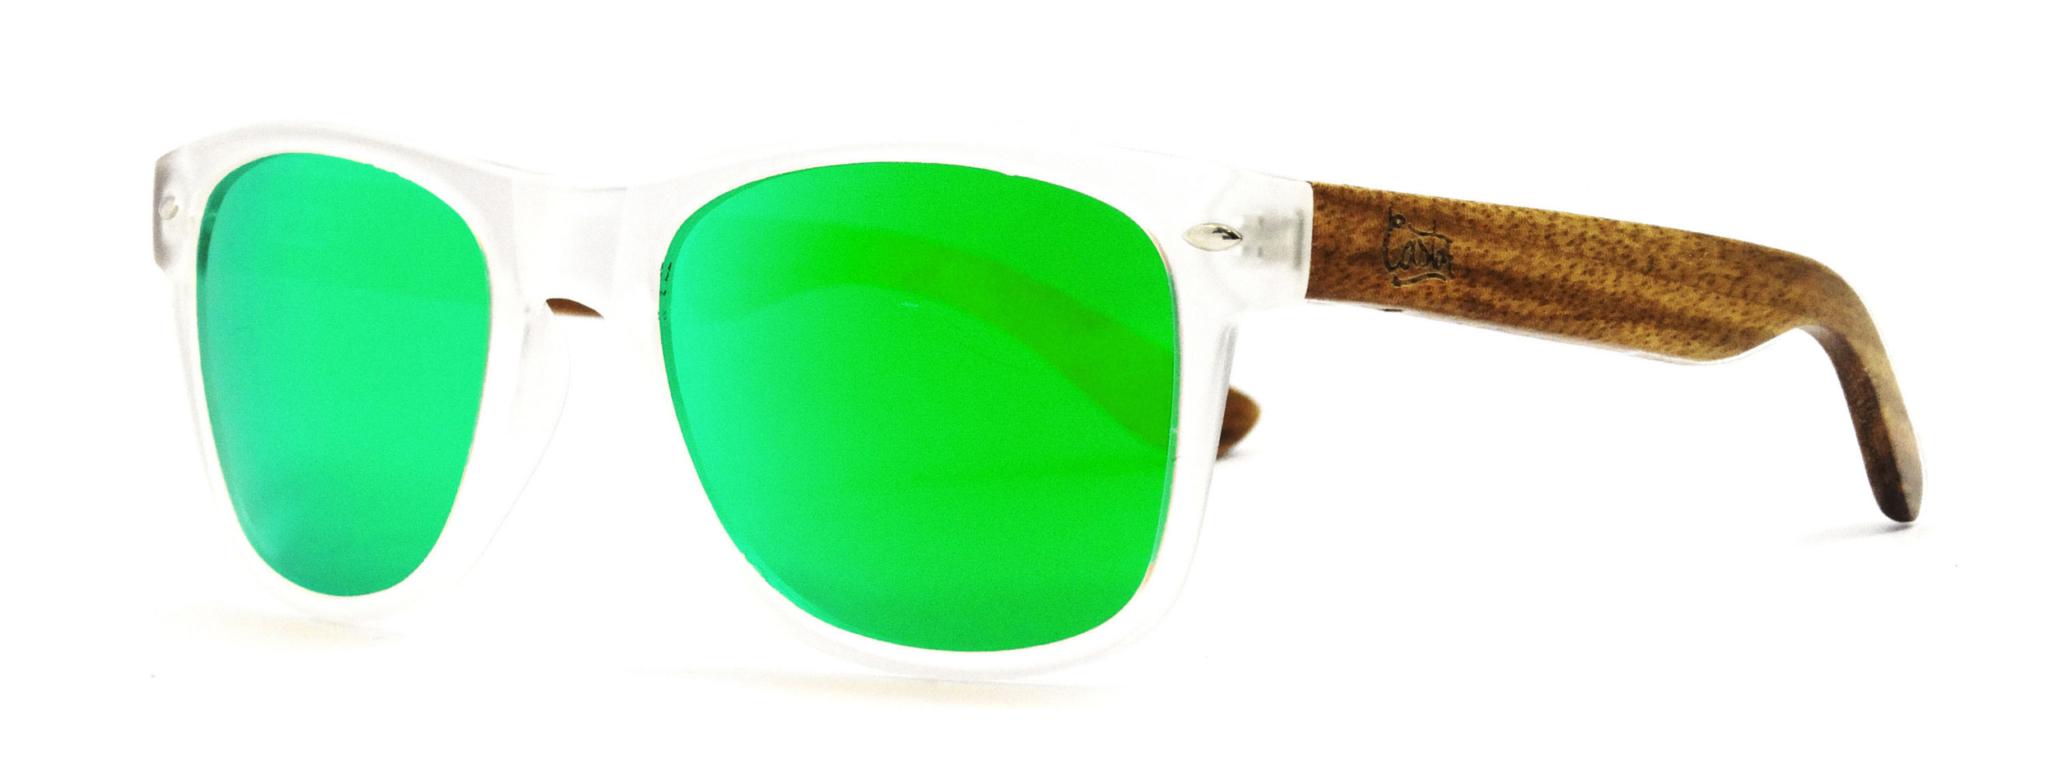 d0aa8dfa-113b-gafas-de-sol